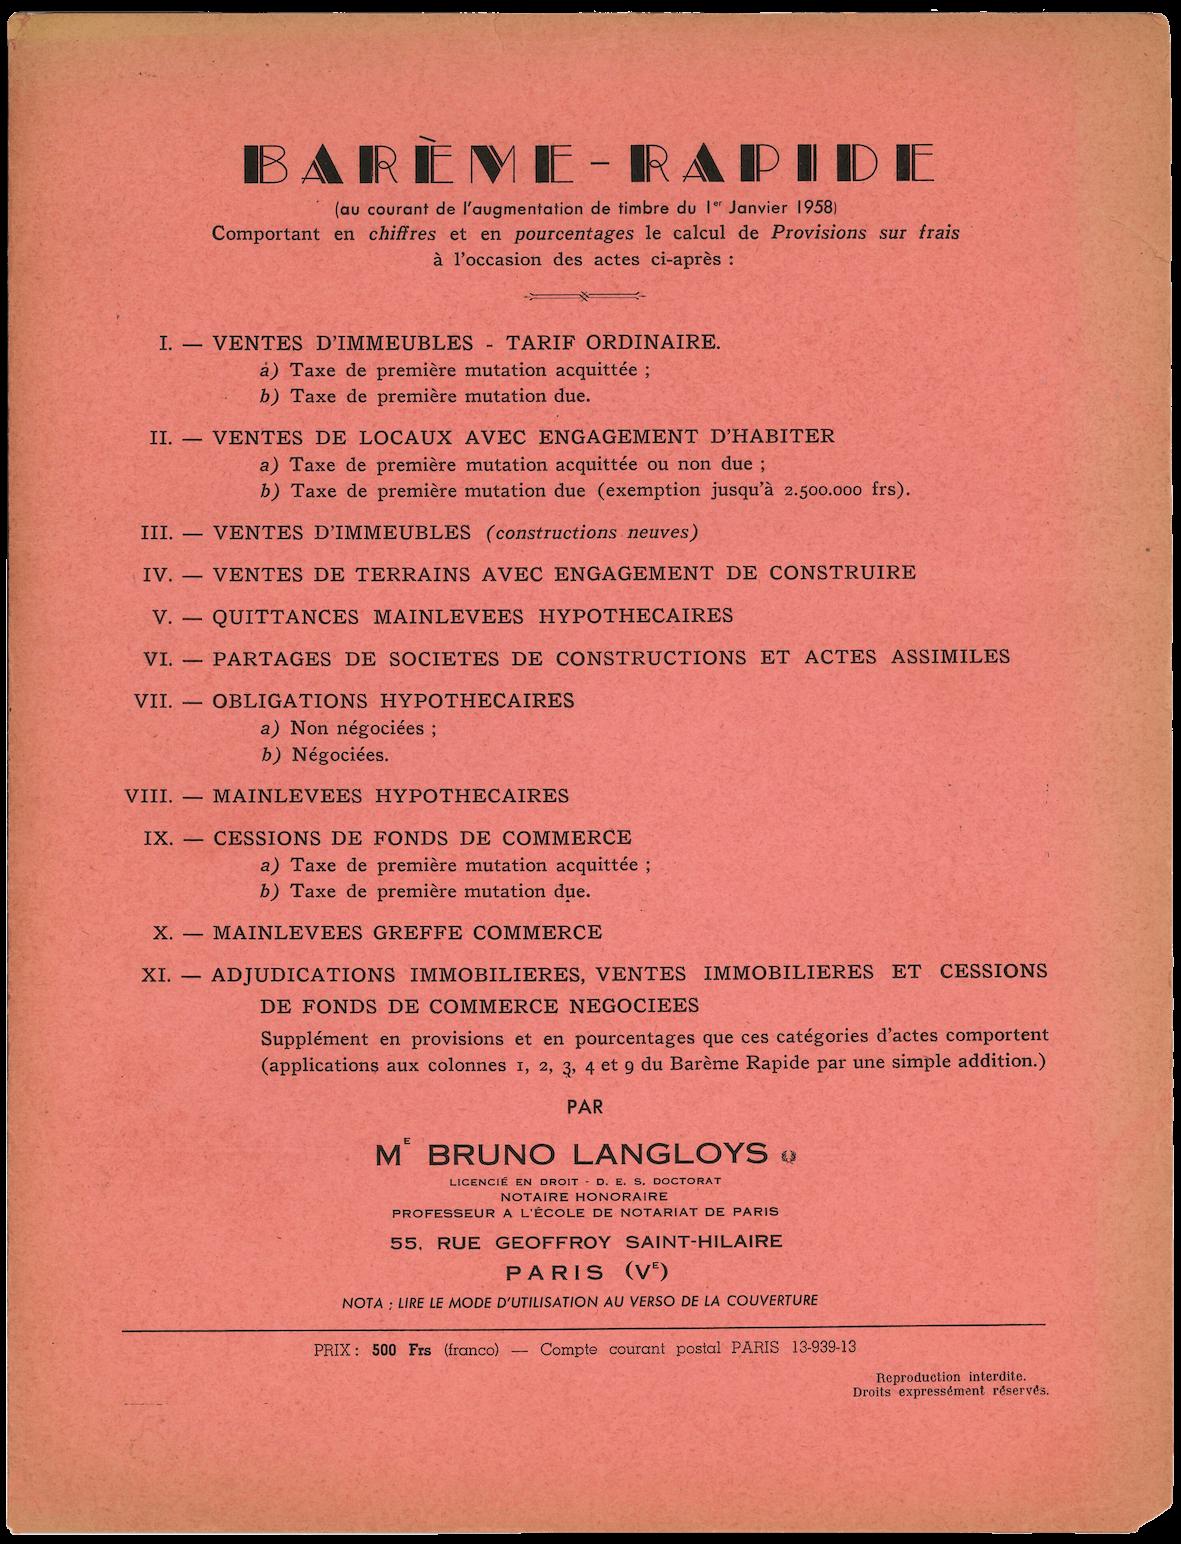 Barème rapide 1958